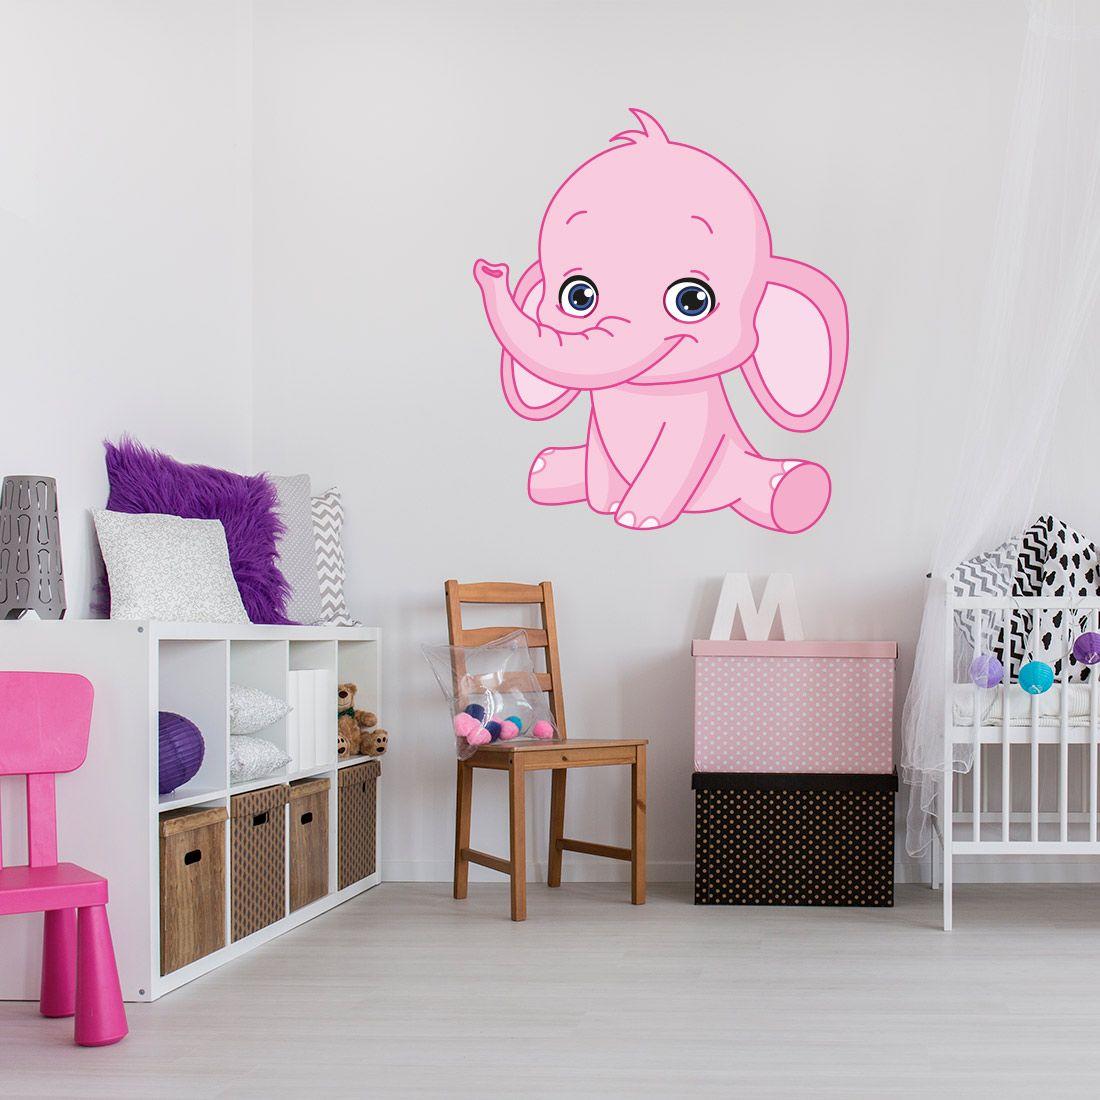 Muurdecoratie Babykamer Meisje.Muursticker Olifant Babykamer Jongen Of Meisje In 2019 Kinderkamer